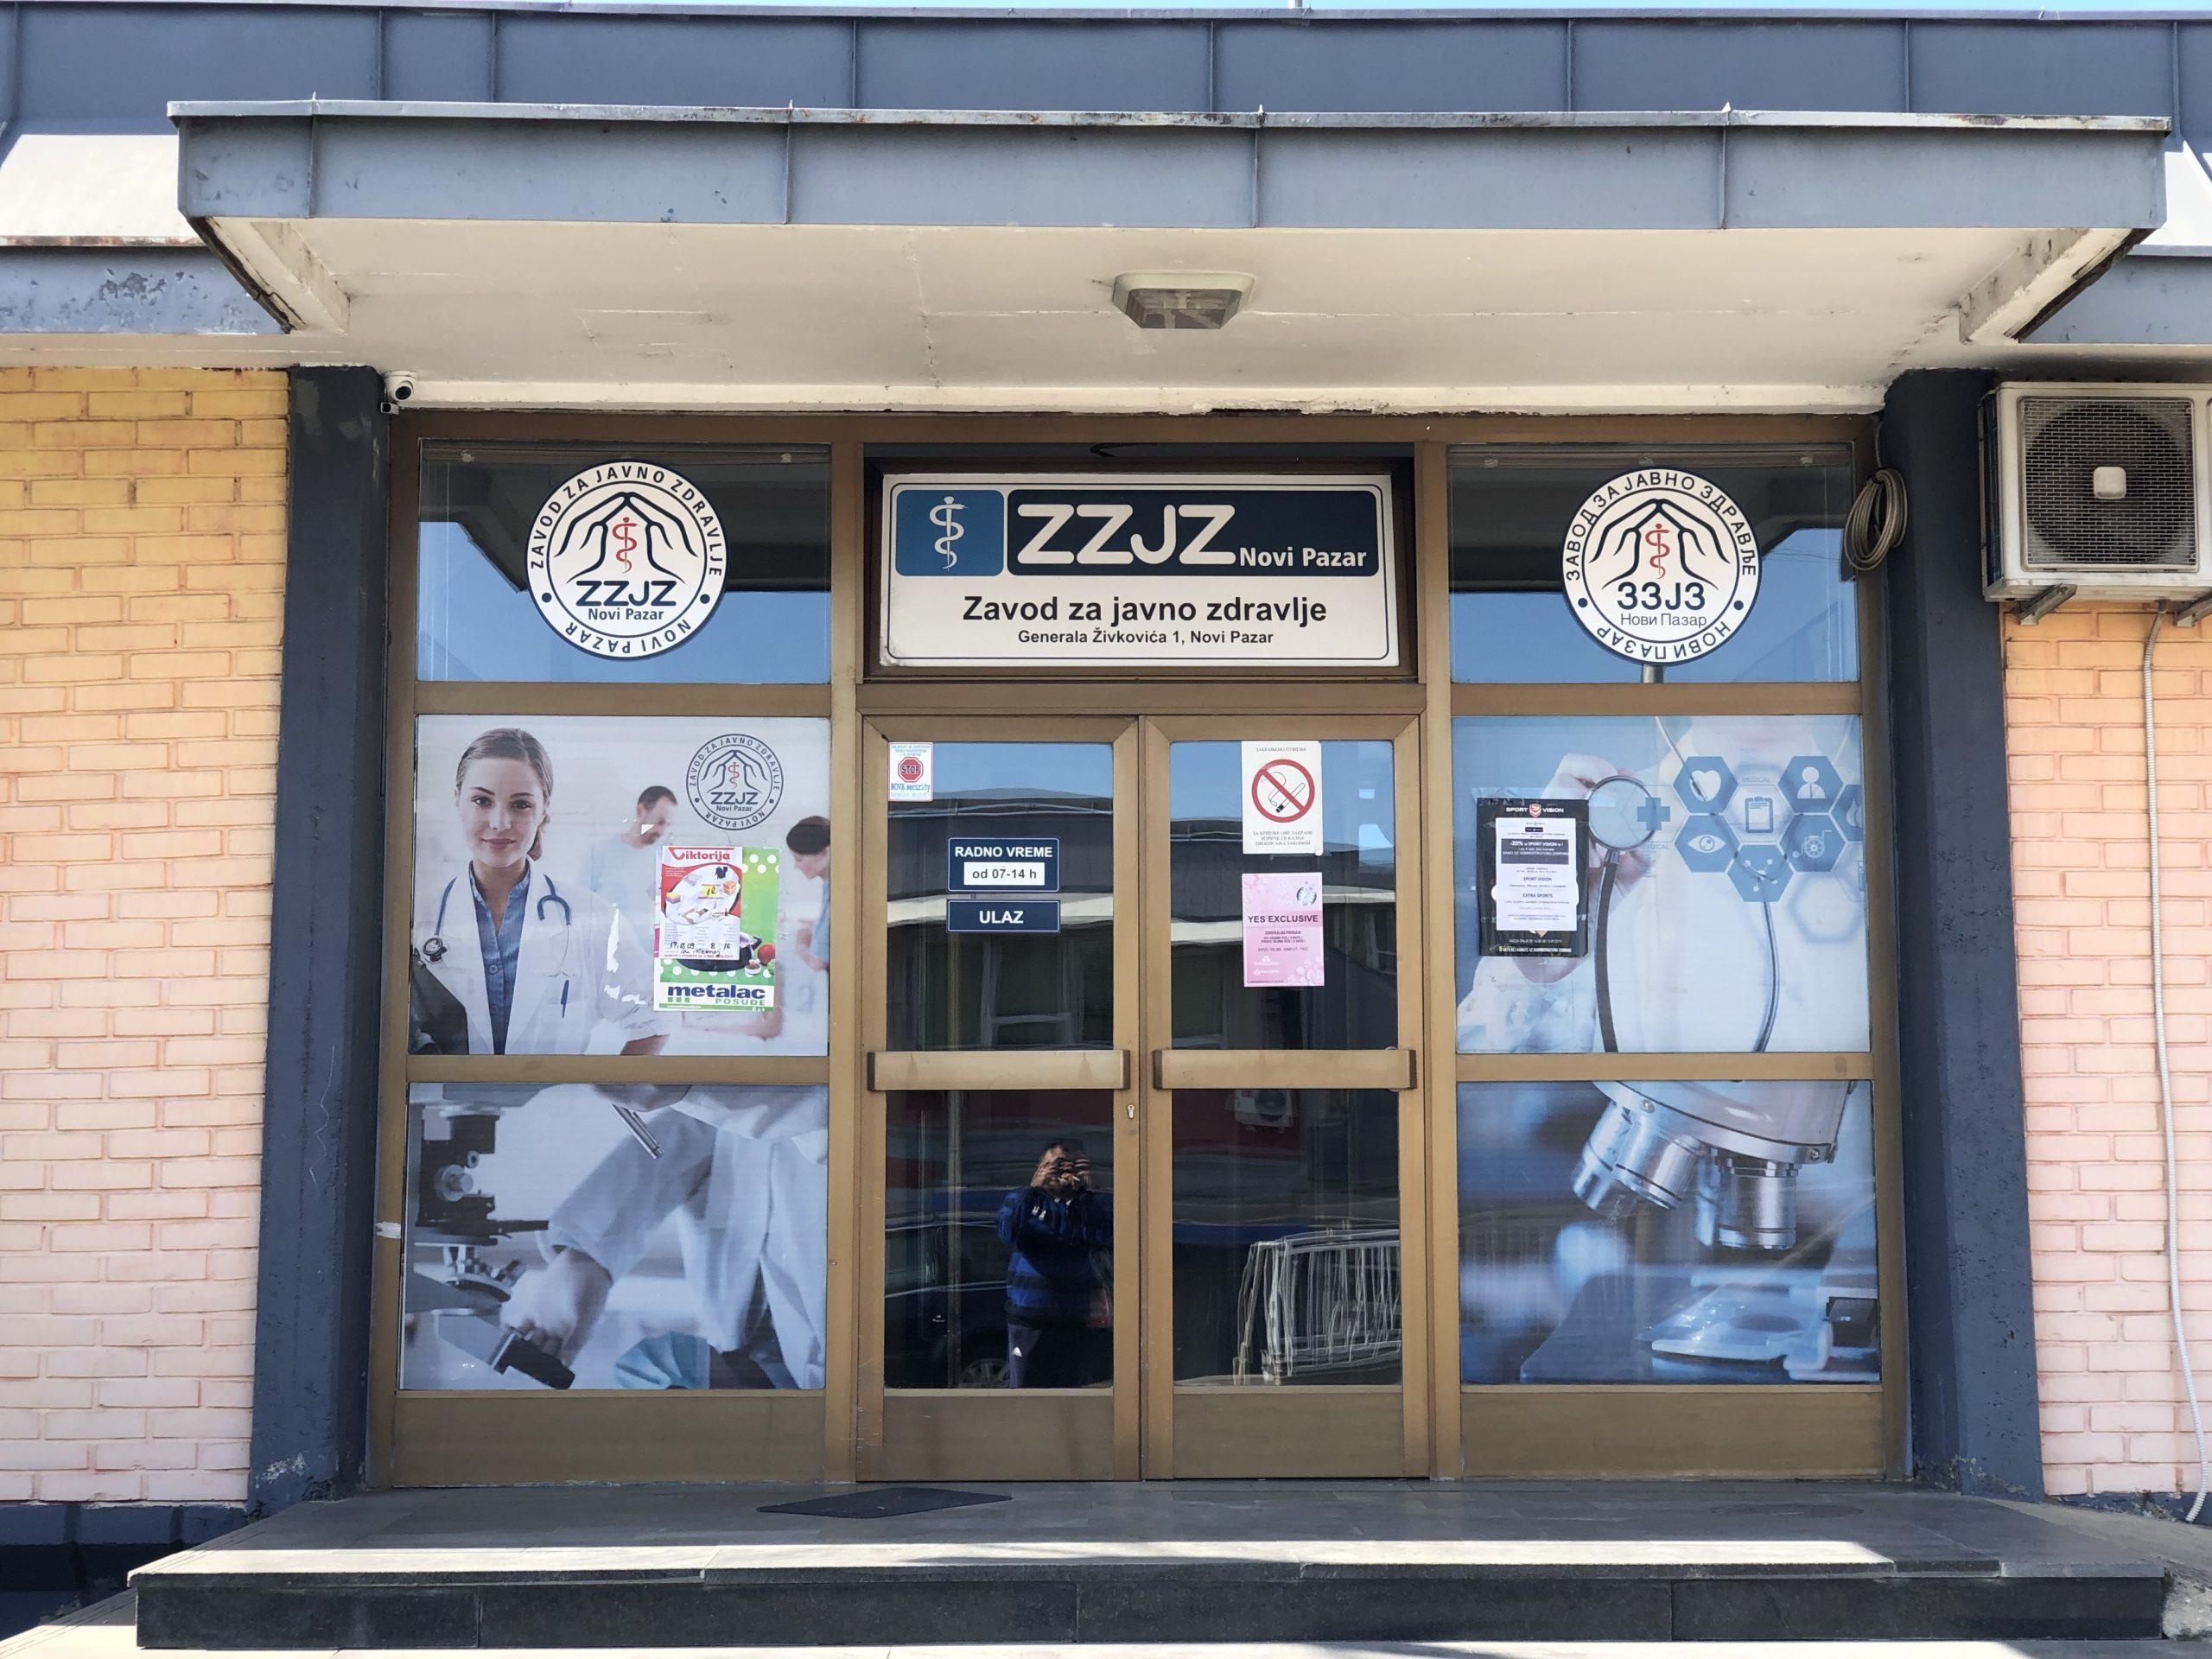 zzjz-novi-pazar:-sest-novozarazenih-za-24-sata